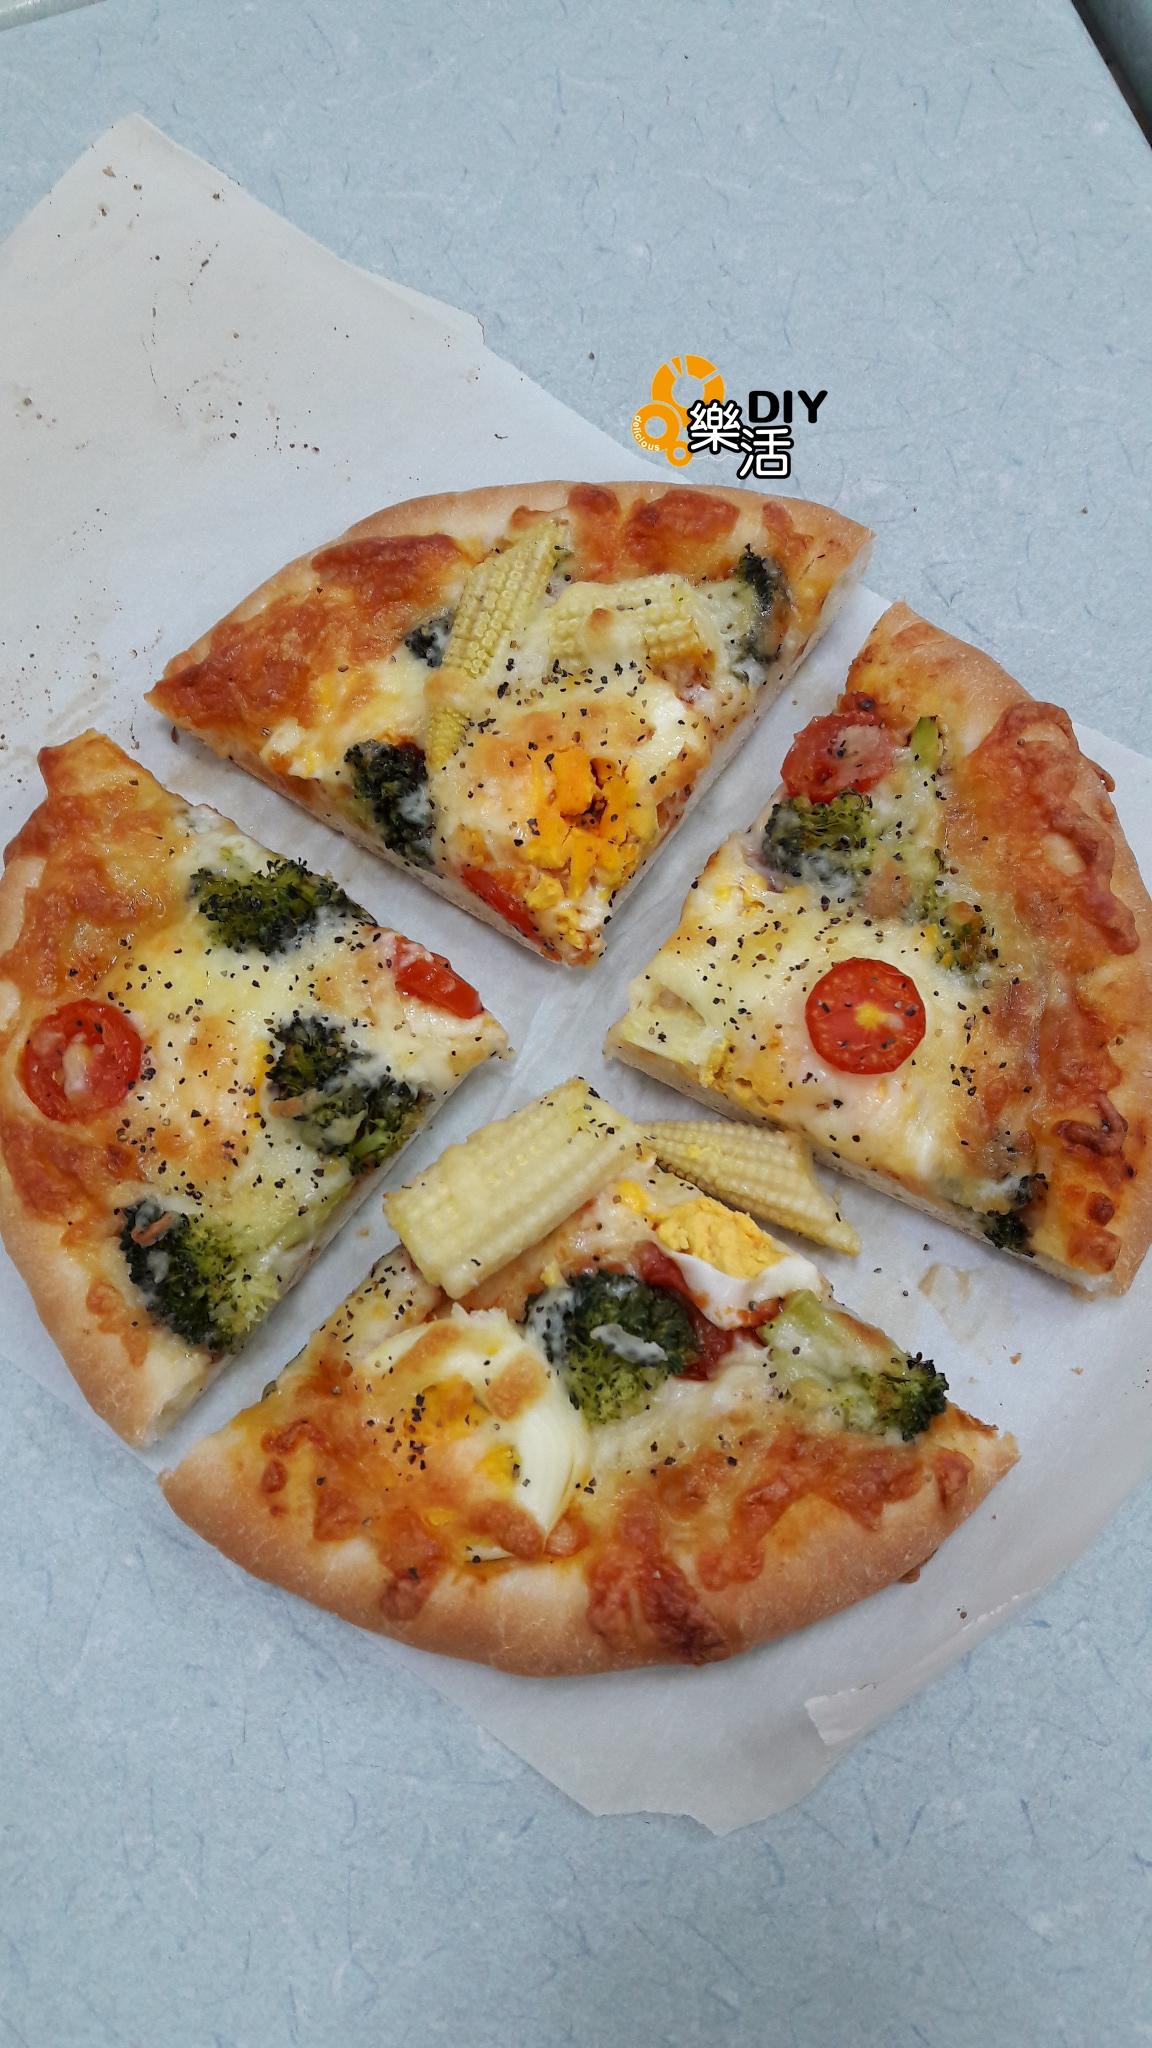 20160704暑期兒童烘焙班(個人班)DIY烘焙課程-時蔬野菜披薩  課程紀事